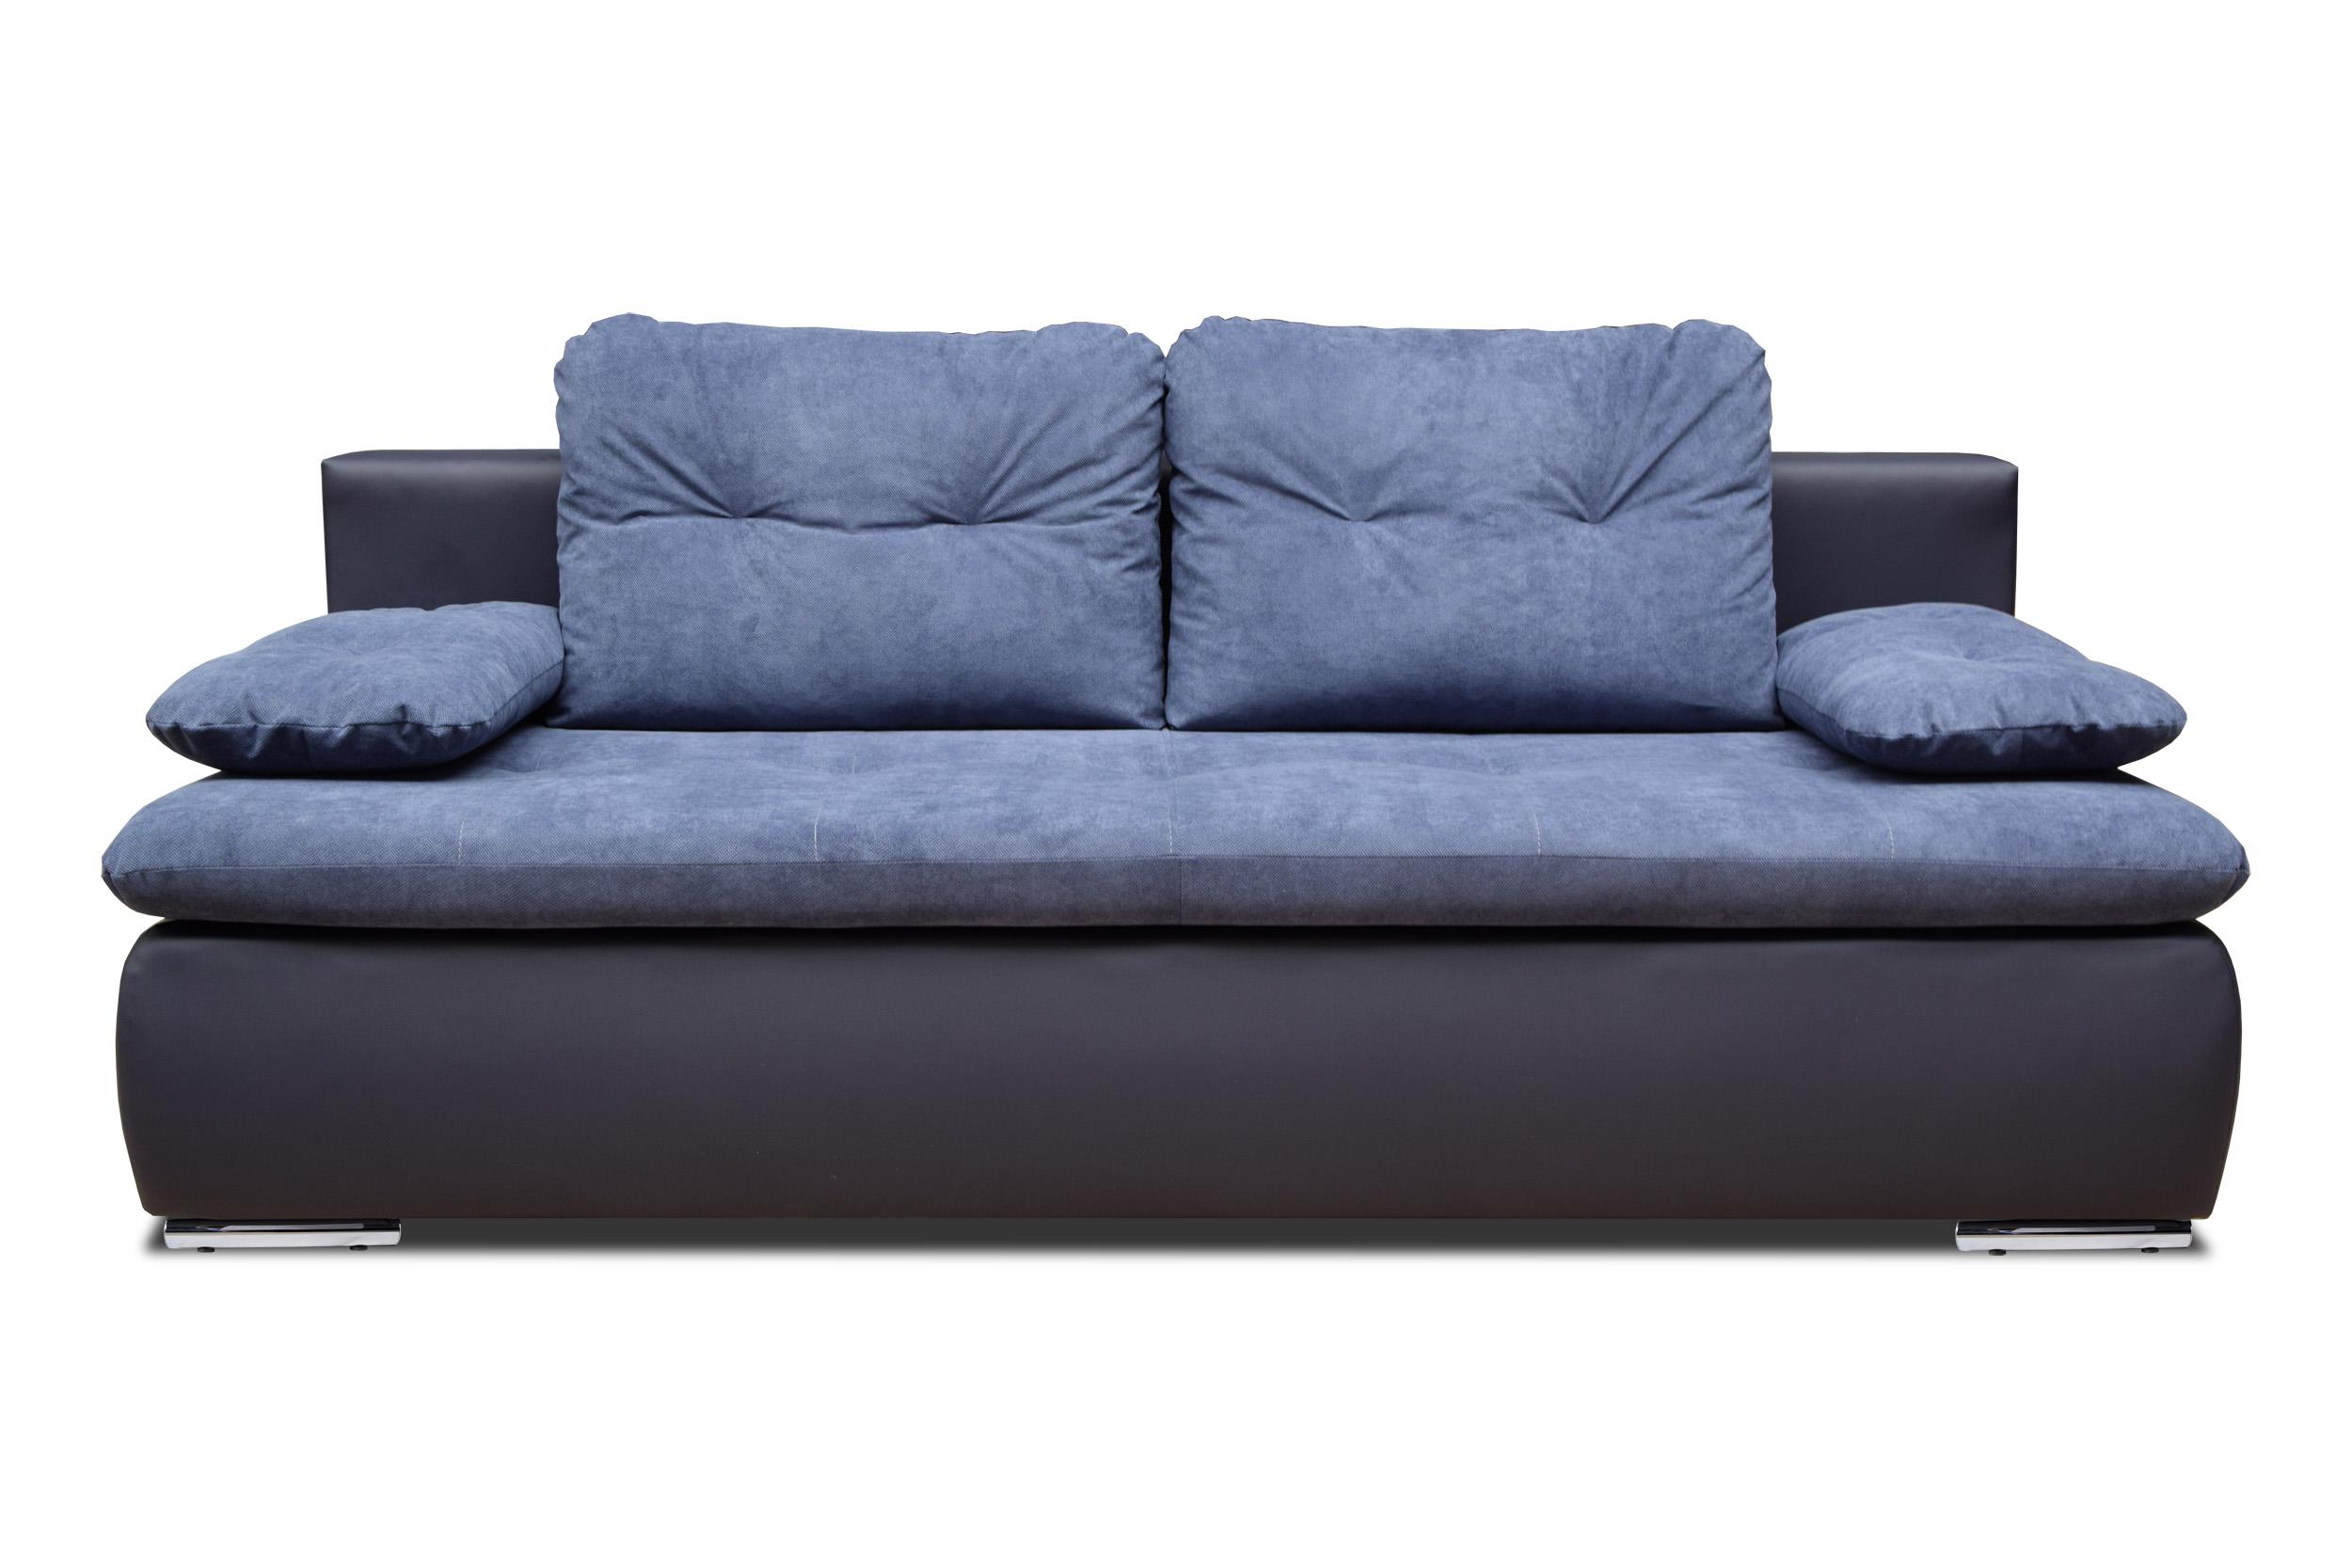 Avaro sofa schlafsofa couch schlafcouch zweisitzer mit for Schlafsofa zweisitzer